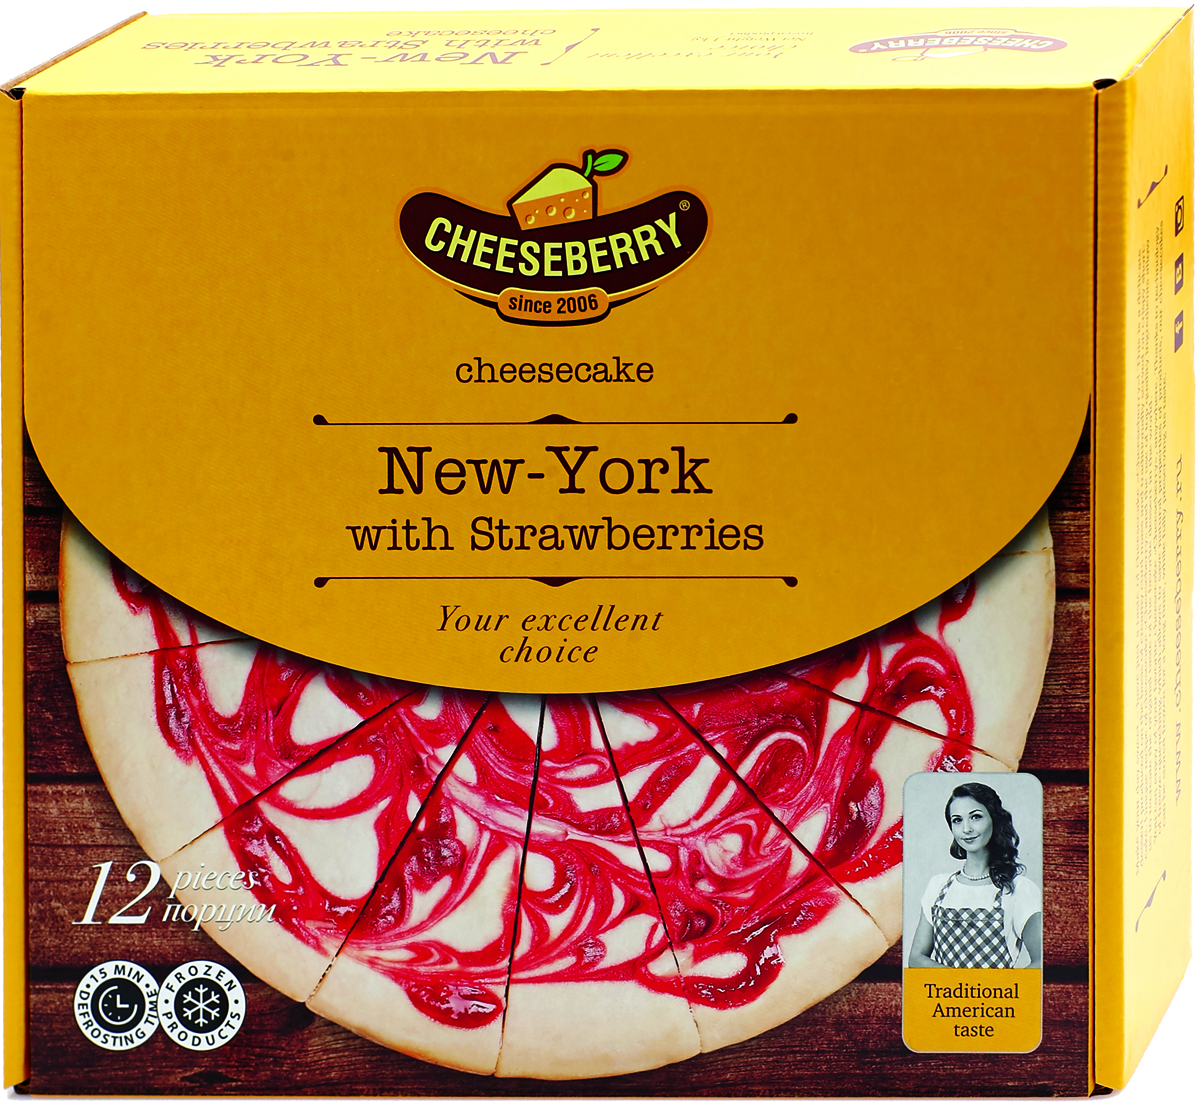 """Жизнеутверждающая энергия лета и самый популярный вкус чизкейка на планете – очень удачное сочетание! Чизкейк """"Нью-Йорк с клубникой"""" – это тот самый случай, когда лёгкая кислинка придает нежной творожно-сливочной массе еще больше шарма."""